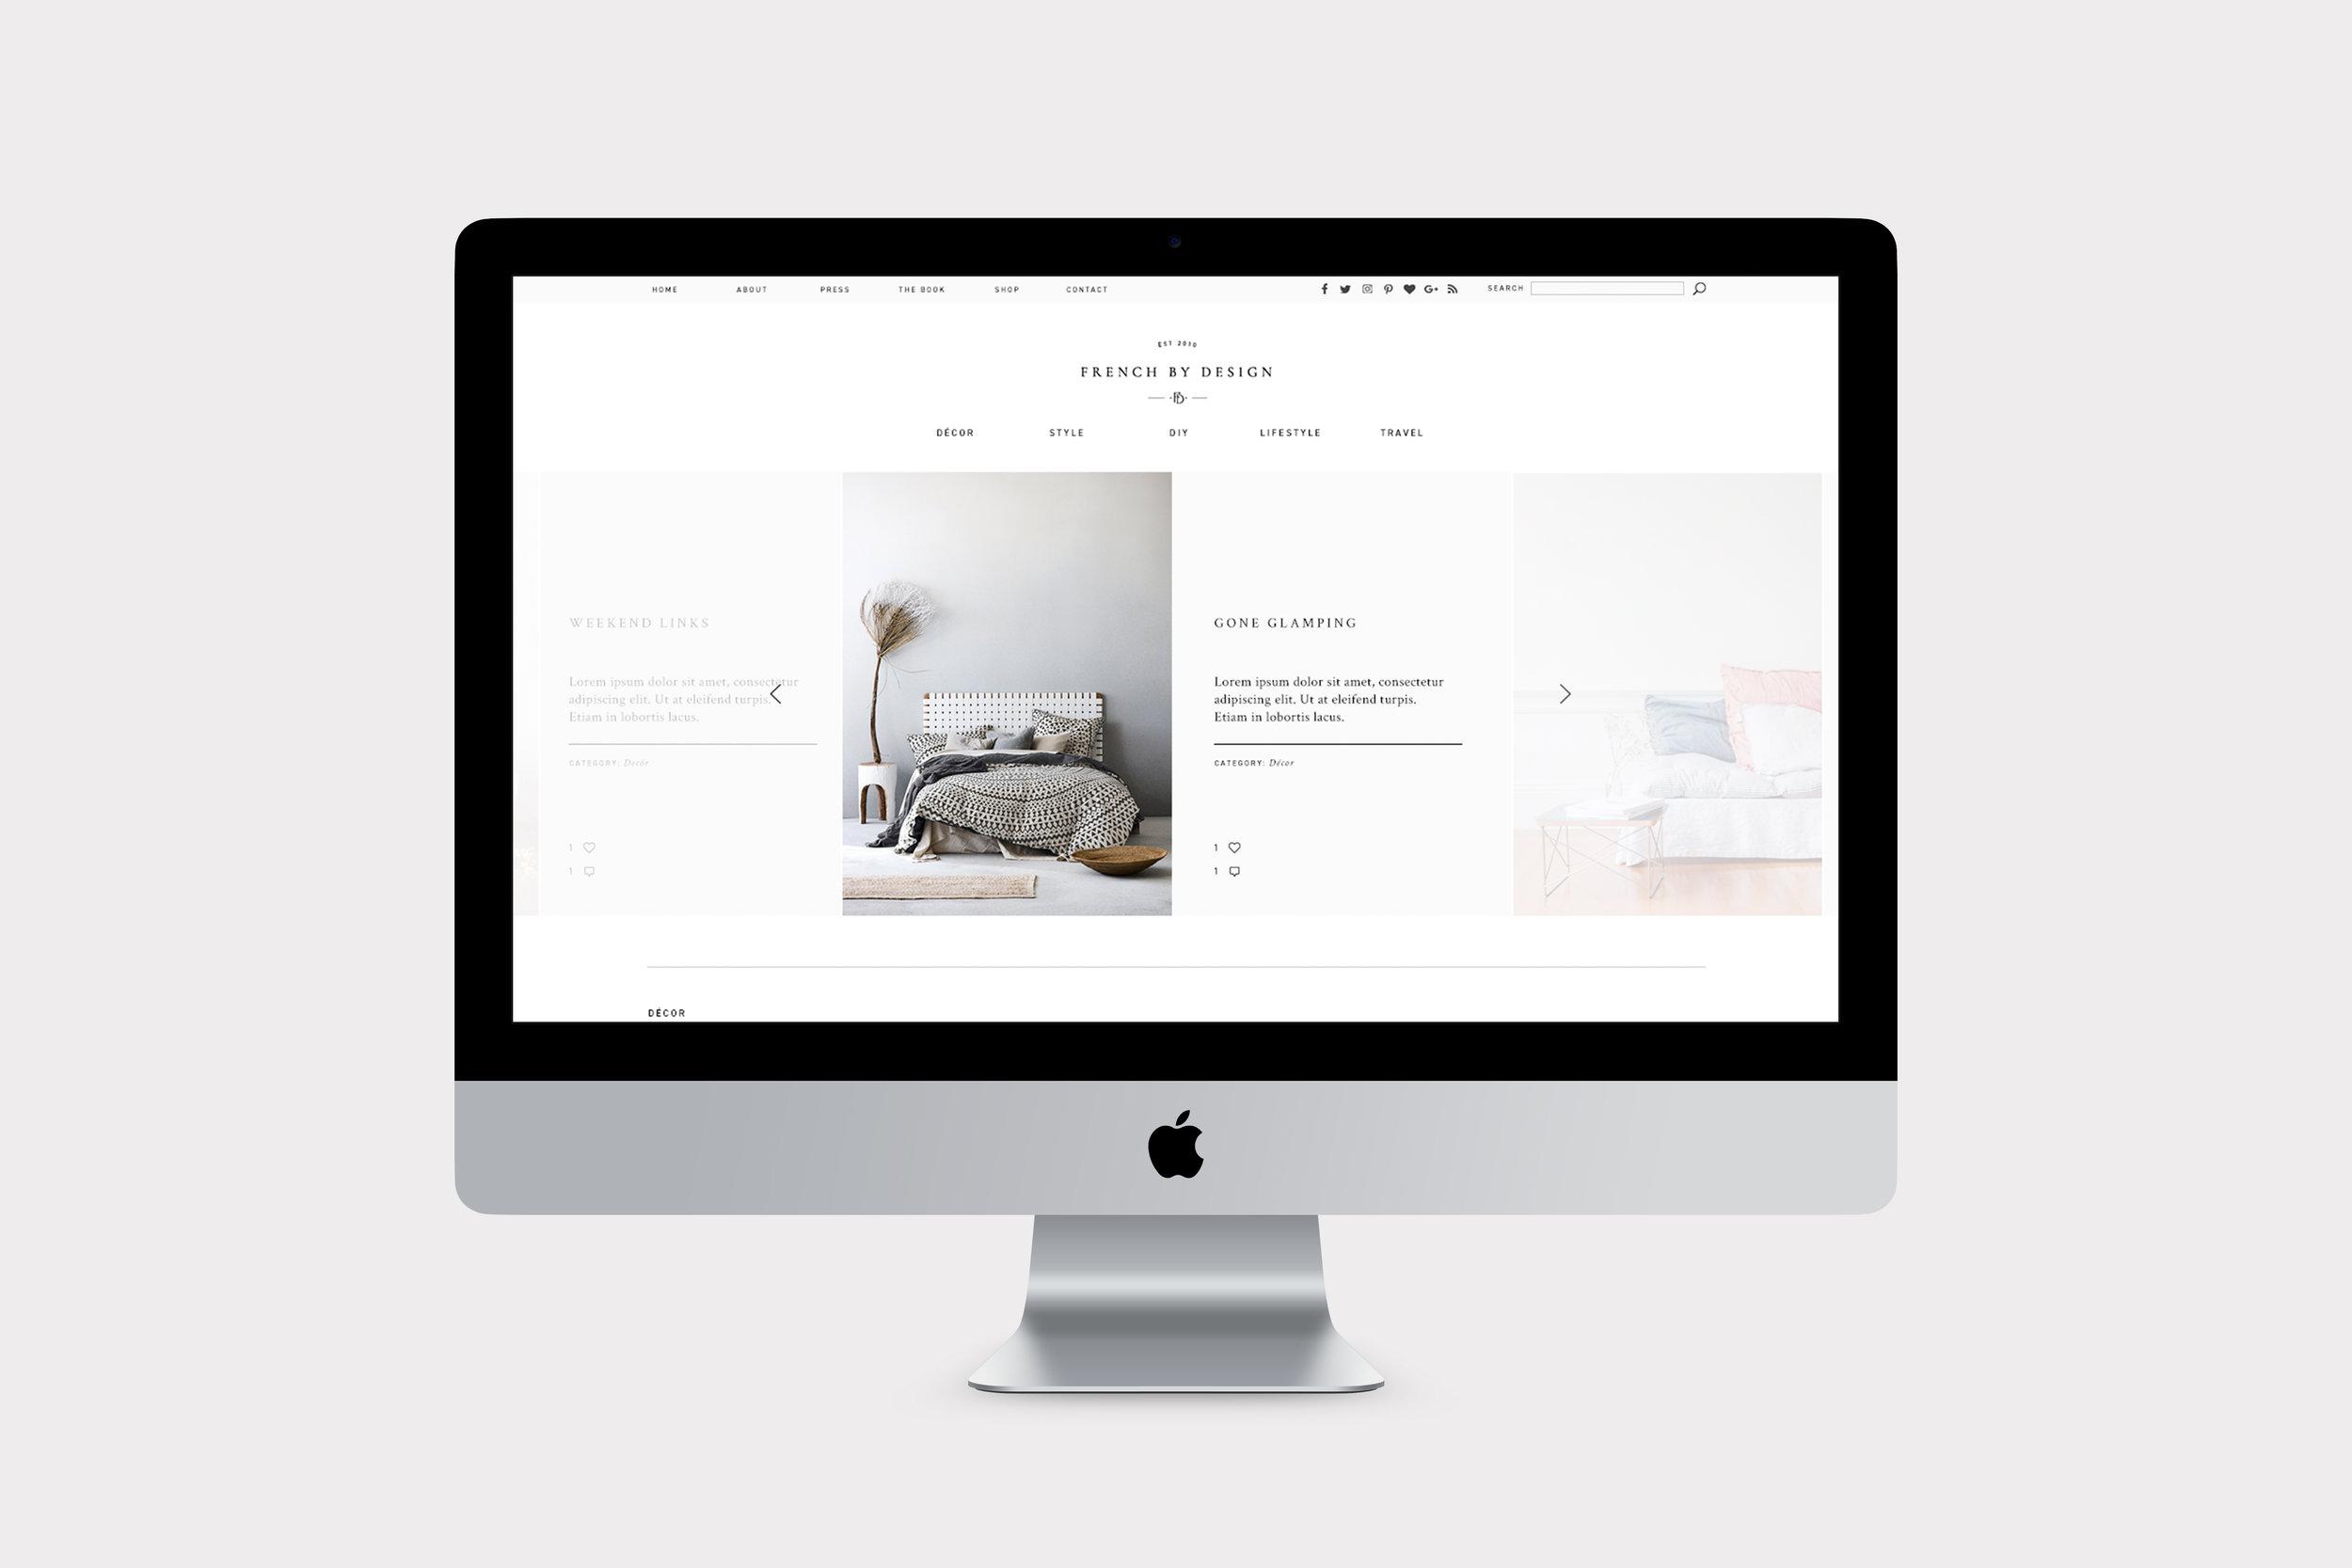 Things_Website_Should_Have_Design.jpg